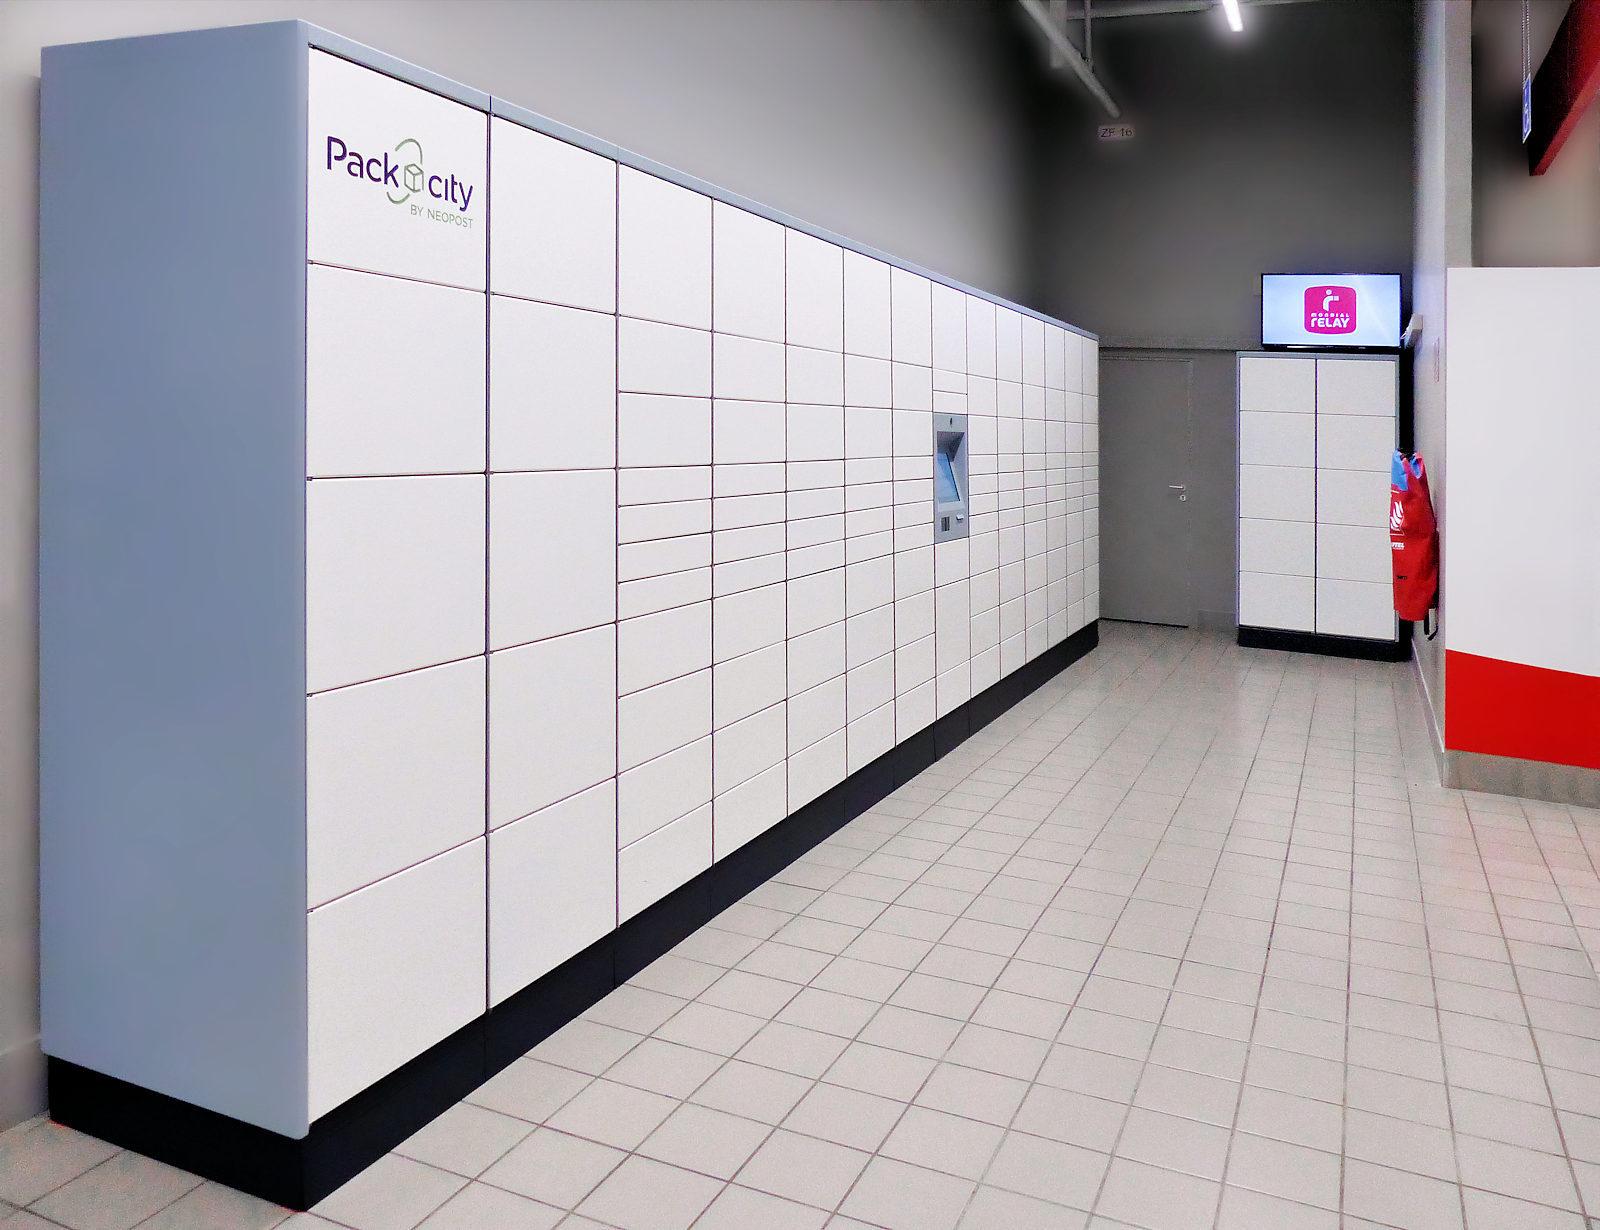 Consignes automatiques Packcity Espace Saint Christophe, Tourcoing